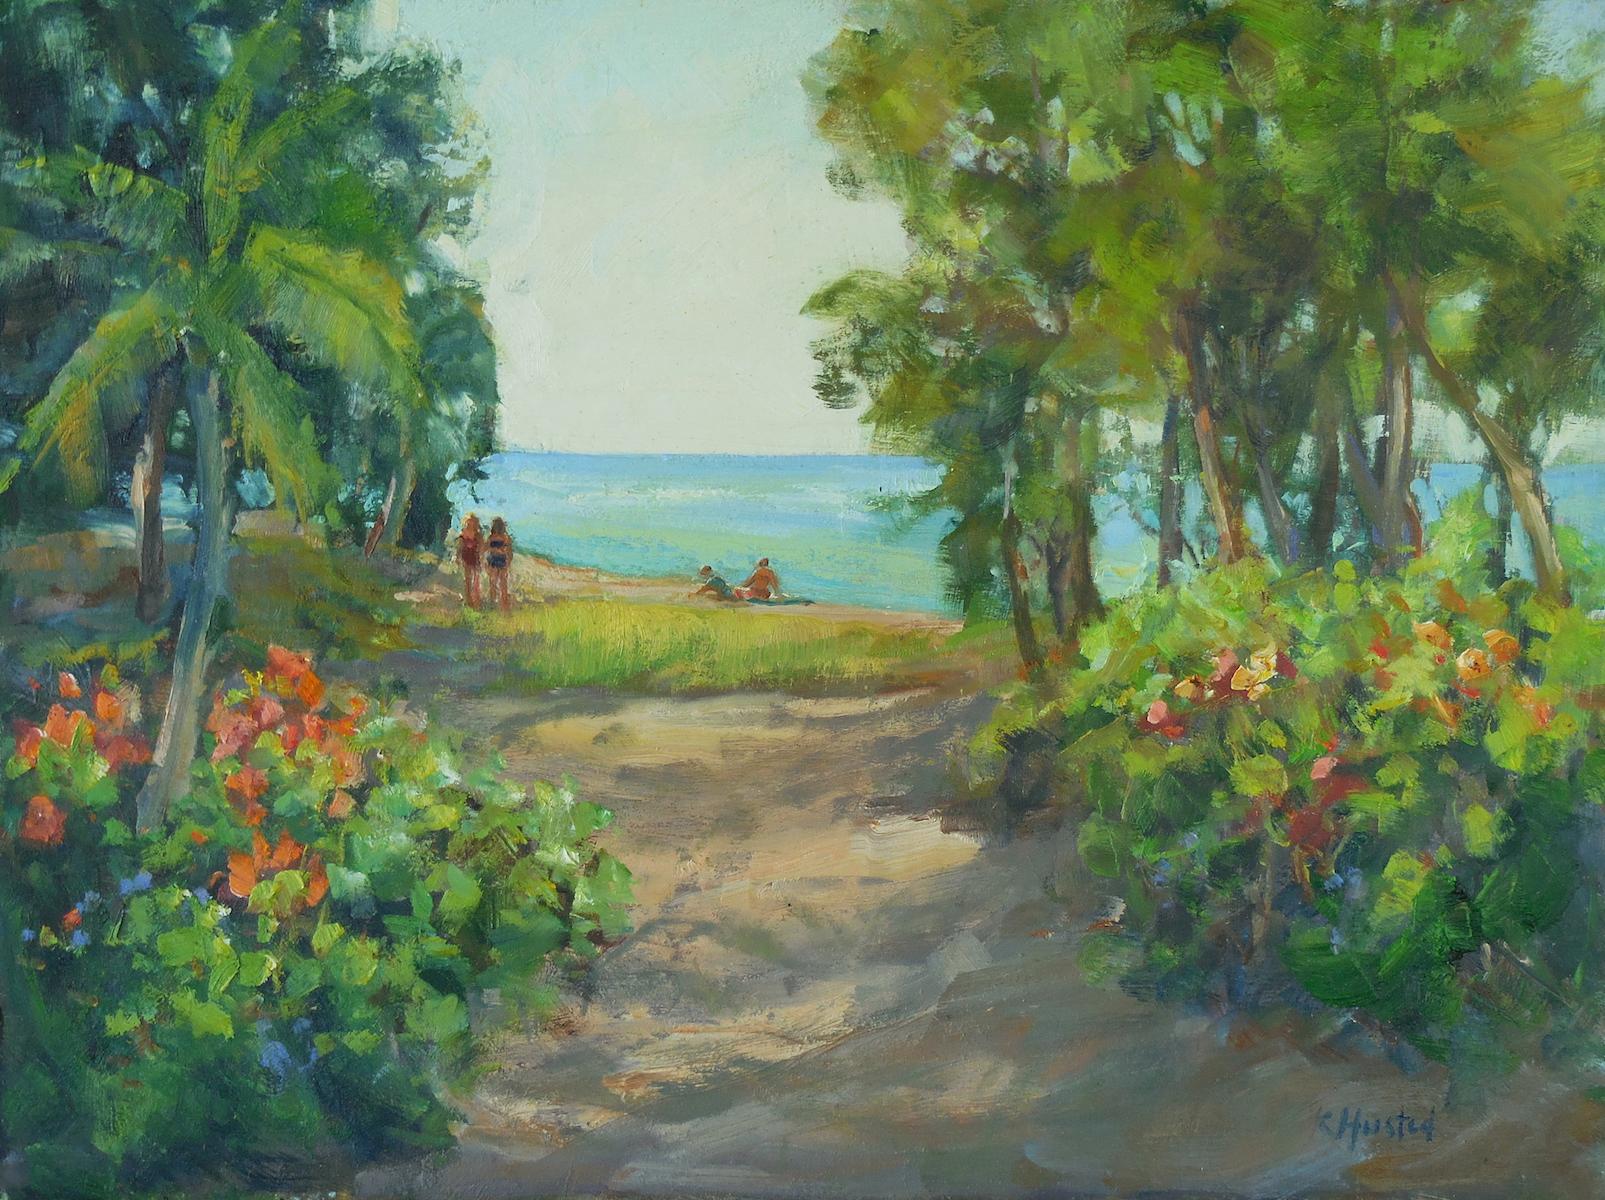 The Beach 12x16